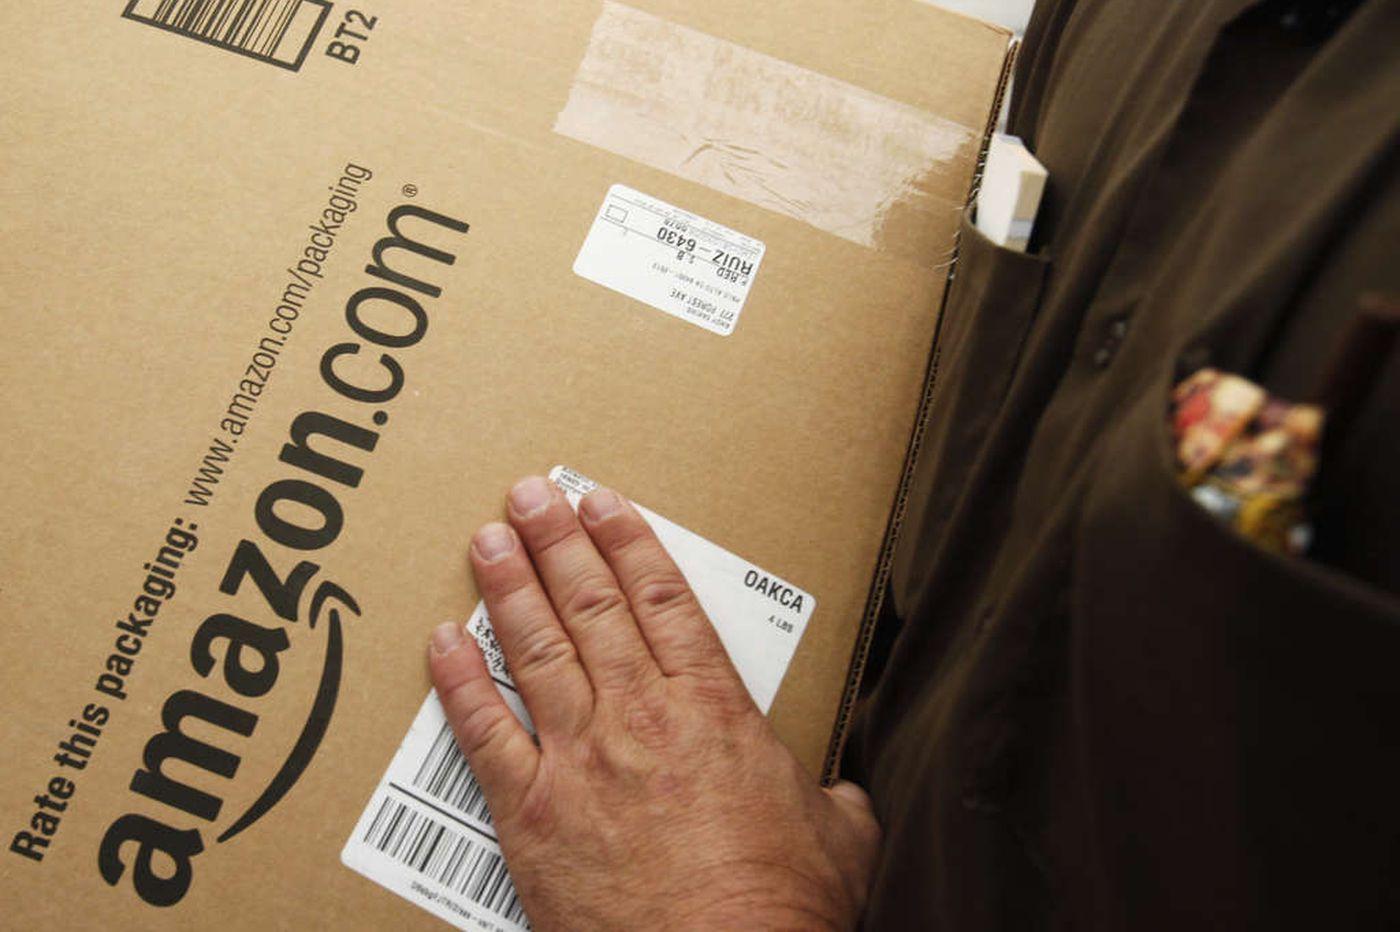 Ordering your favorite stuff online? Pennsylvania, N.J. residents now owe sales tax.